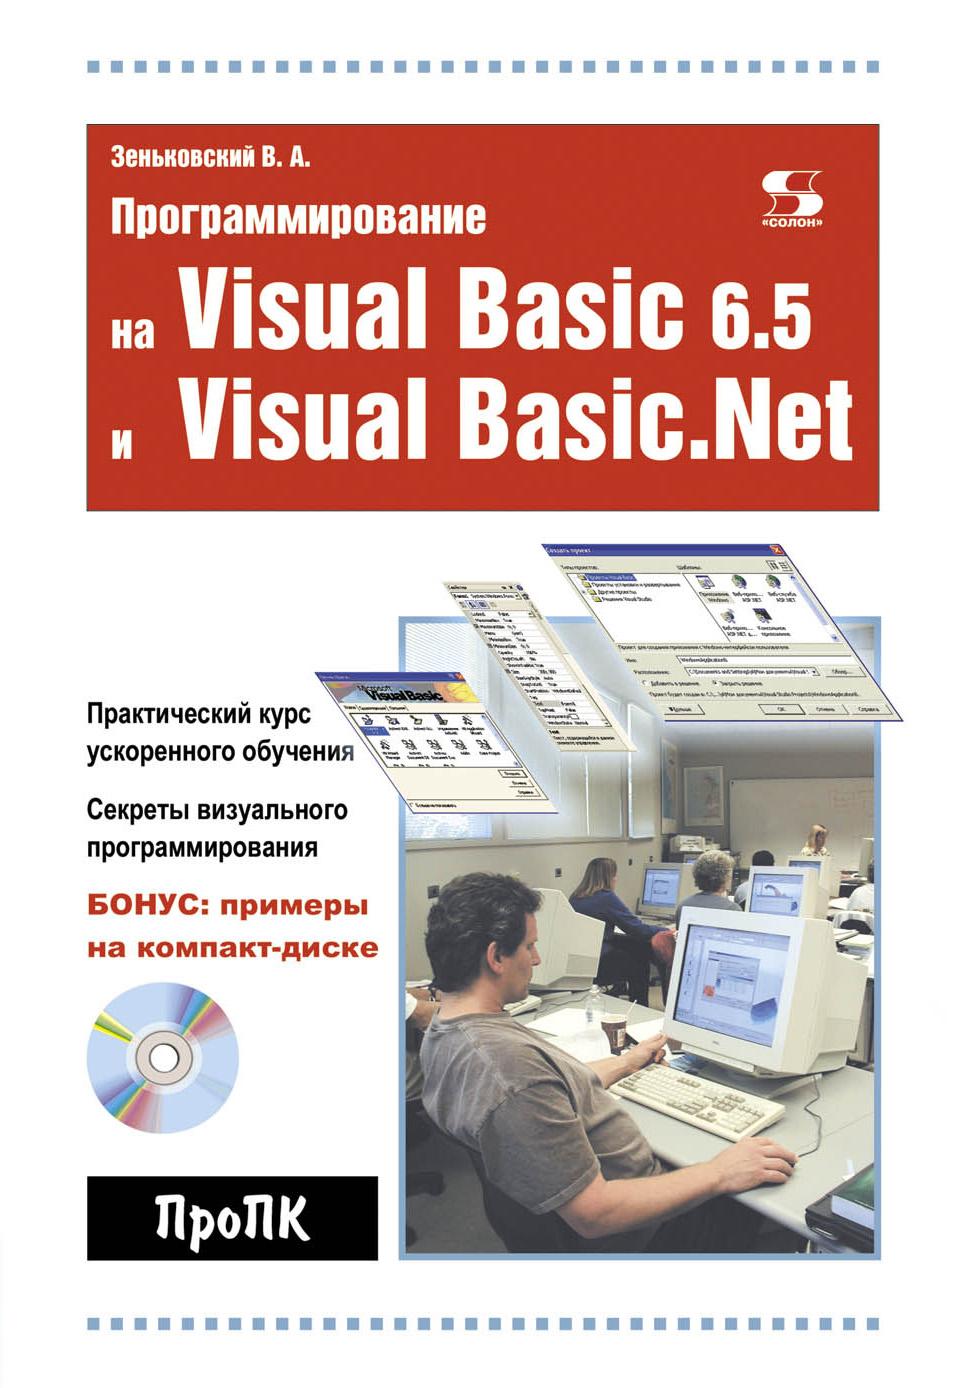 В. А. Зеньковский Программирование на Visual Basic 6.5 и Visual Basic.Net игорь сафронов visual basic в задачах и примерах